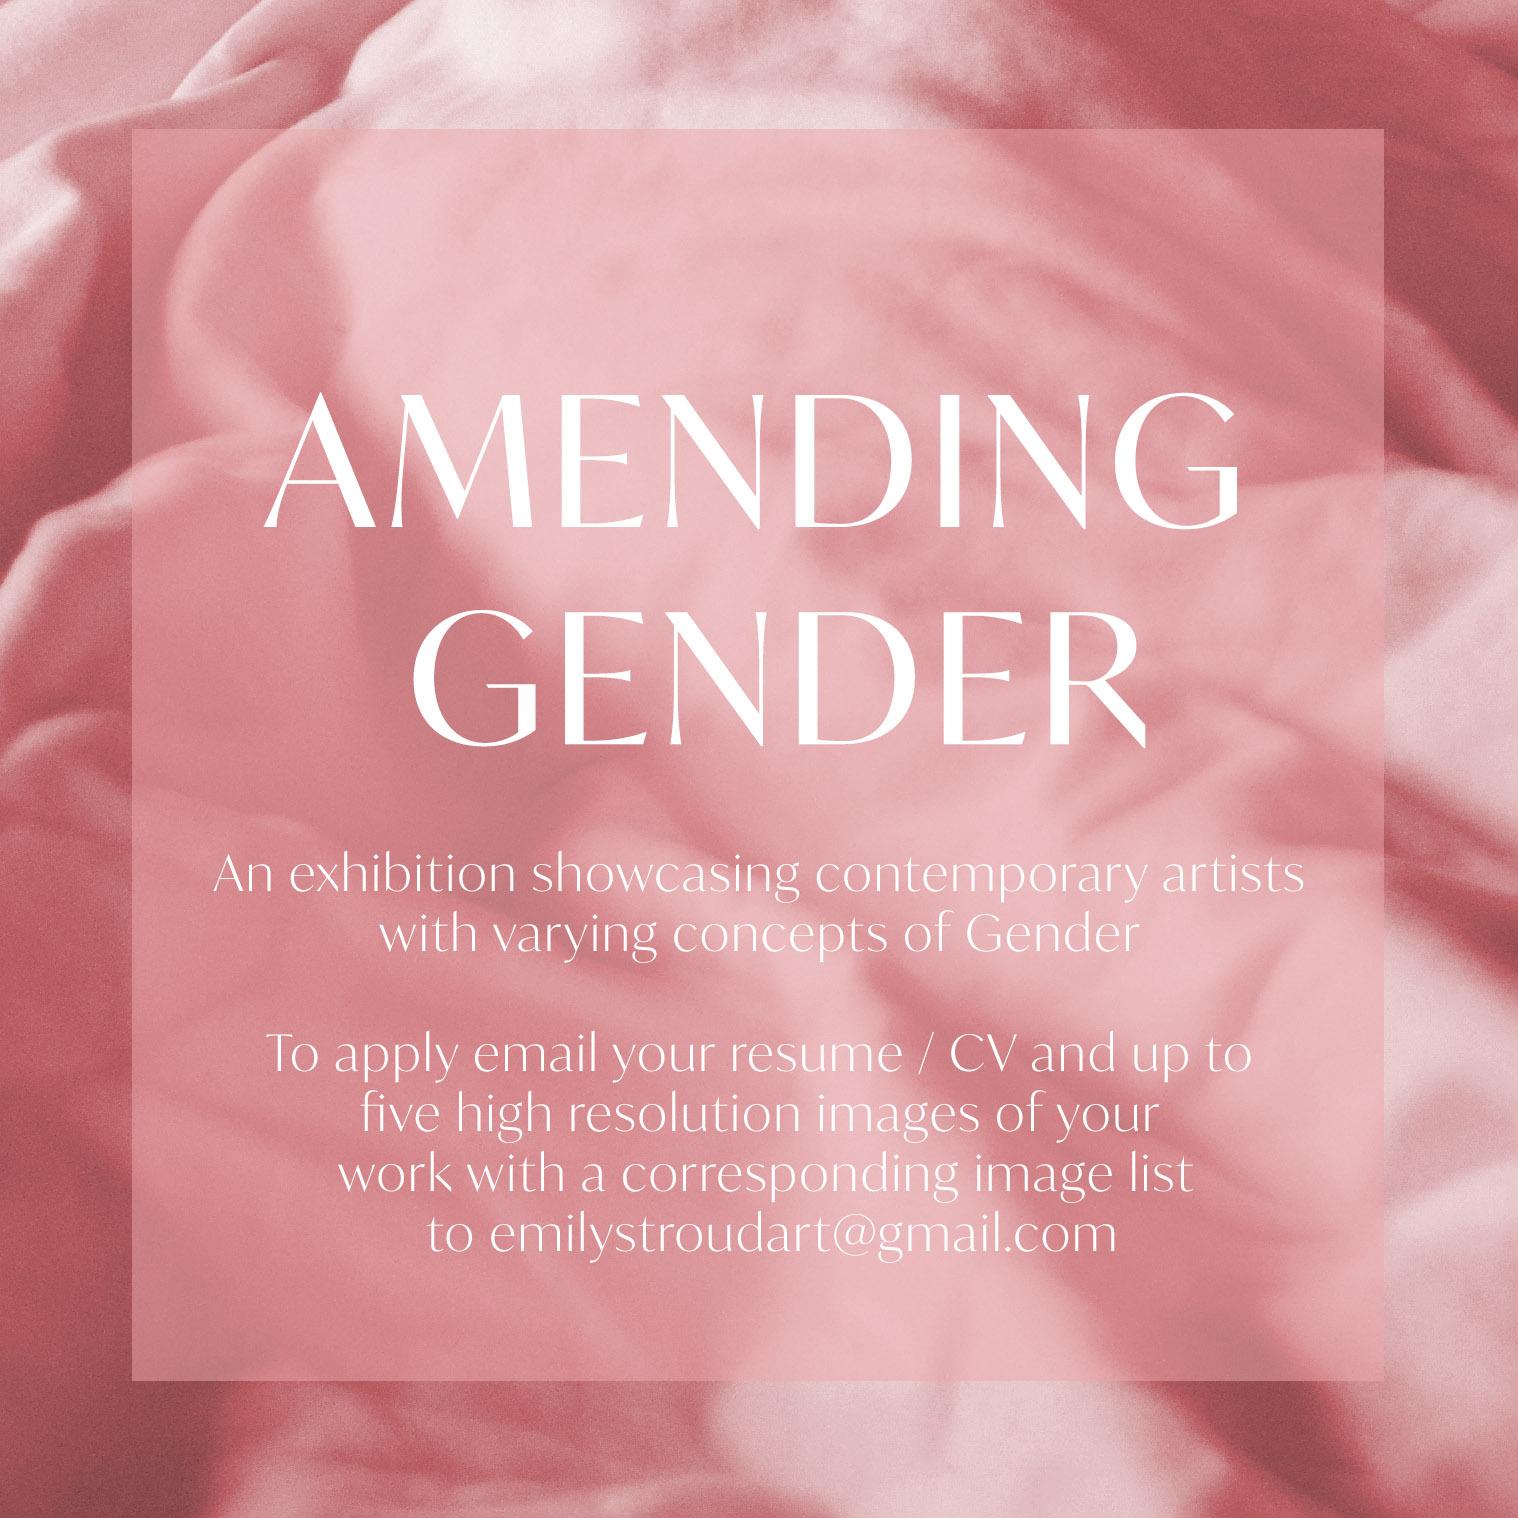 amending gender.jpg